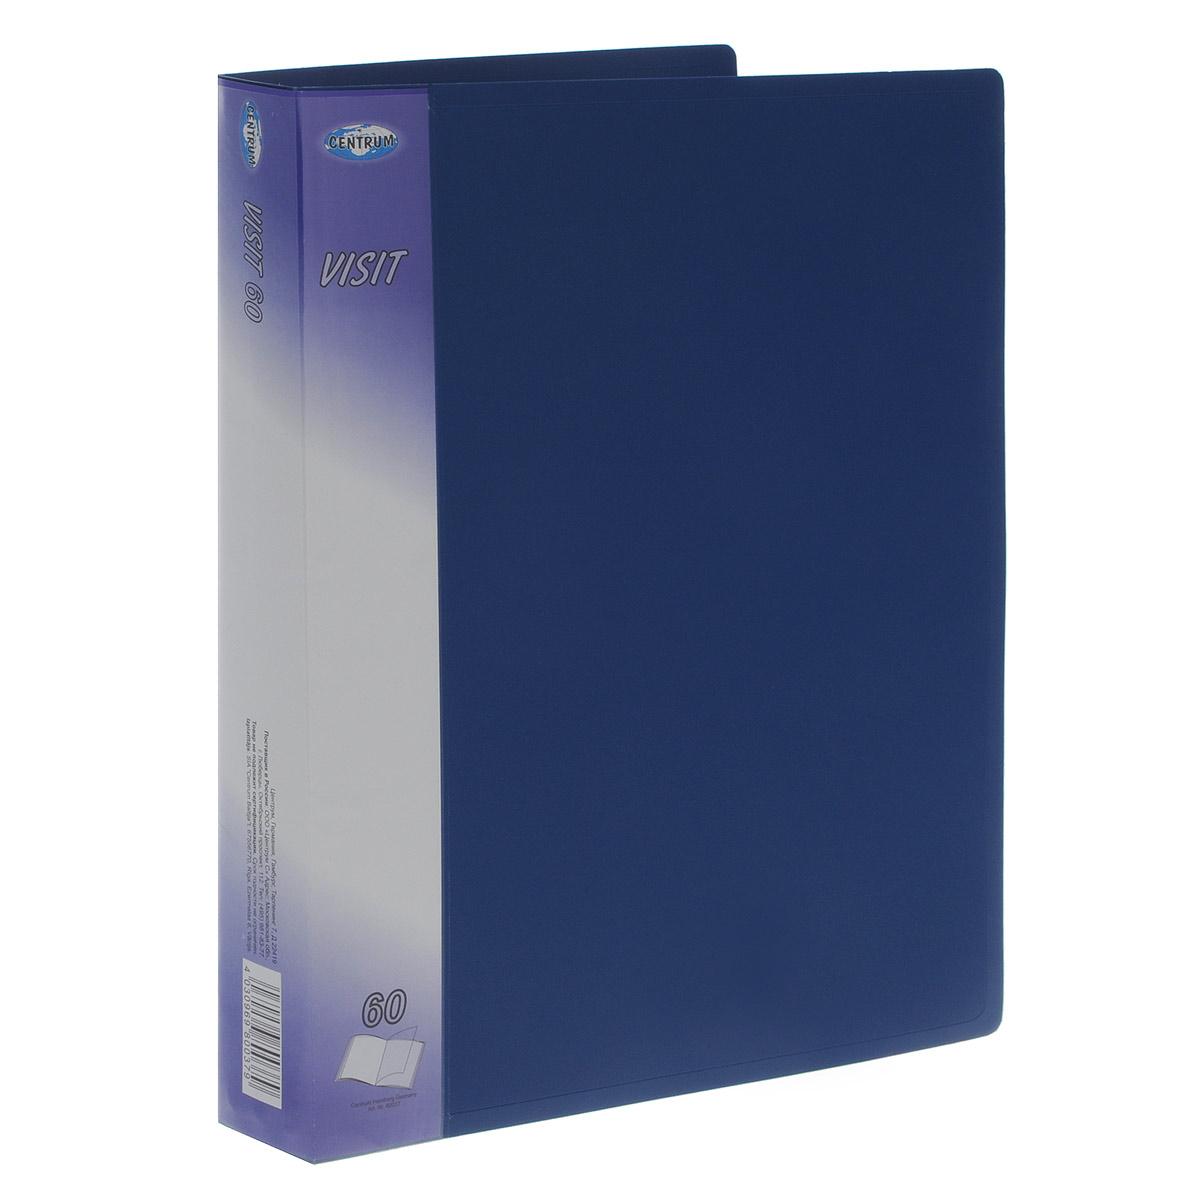 Папка с файлами Centrum Visit, на 60 файлов, цвет: синий. Формат А4 папки канцелярские centrum папка регистр а4 5 см фиолетовая